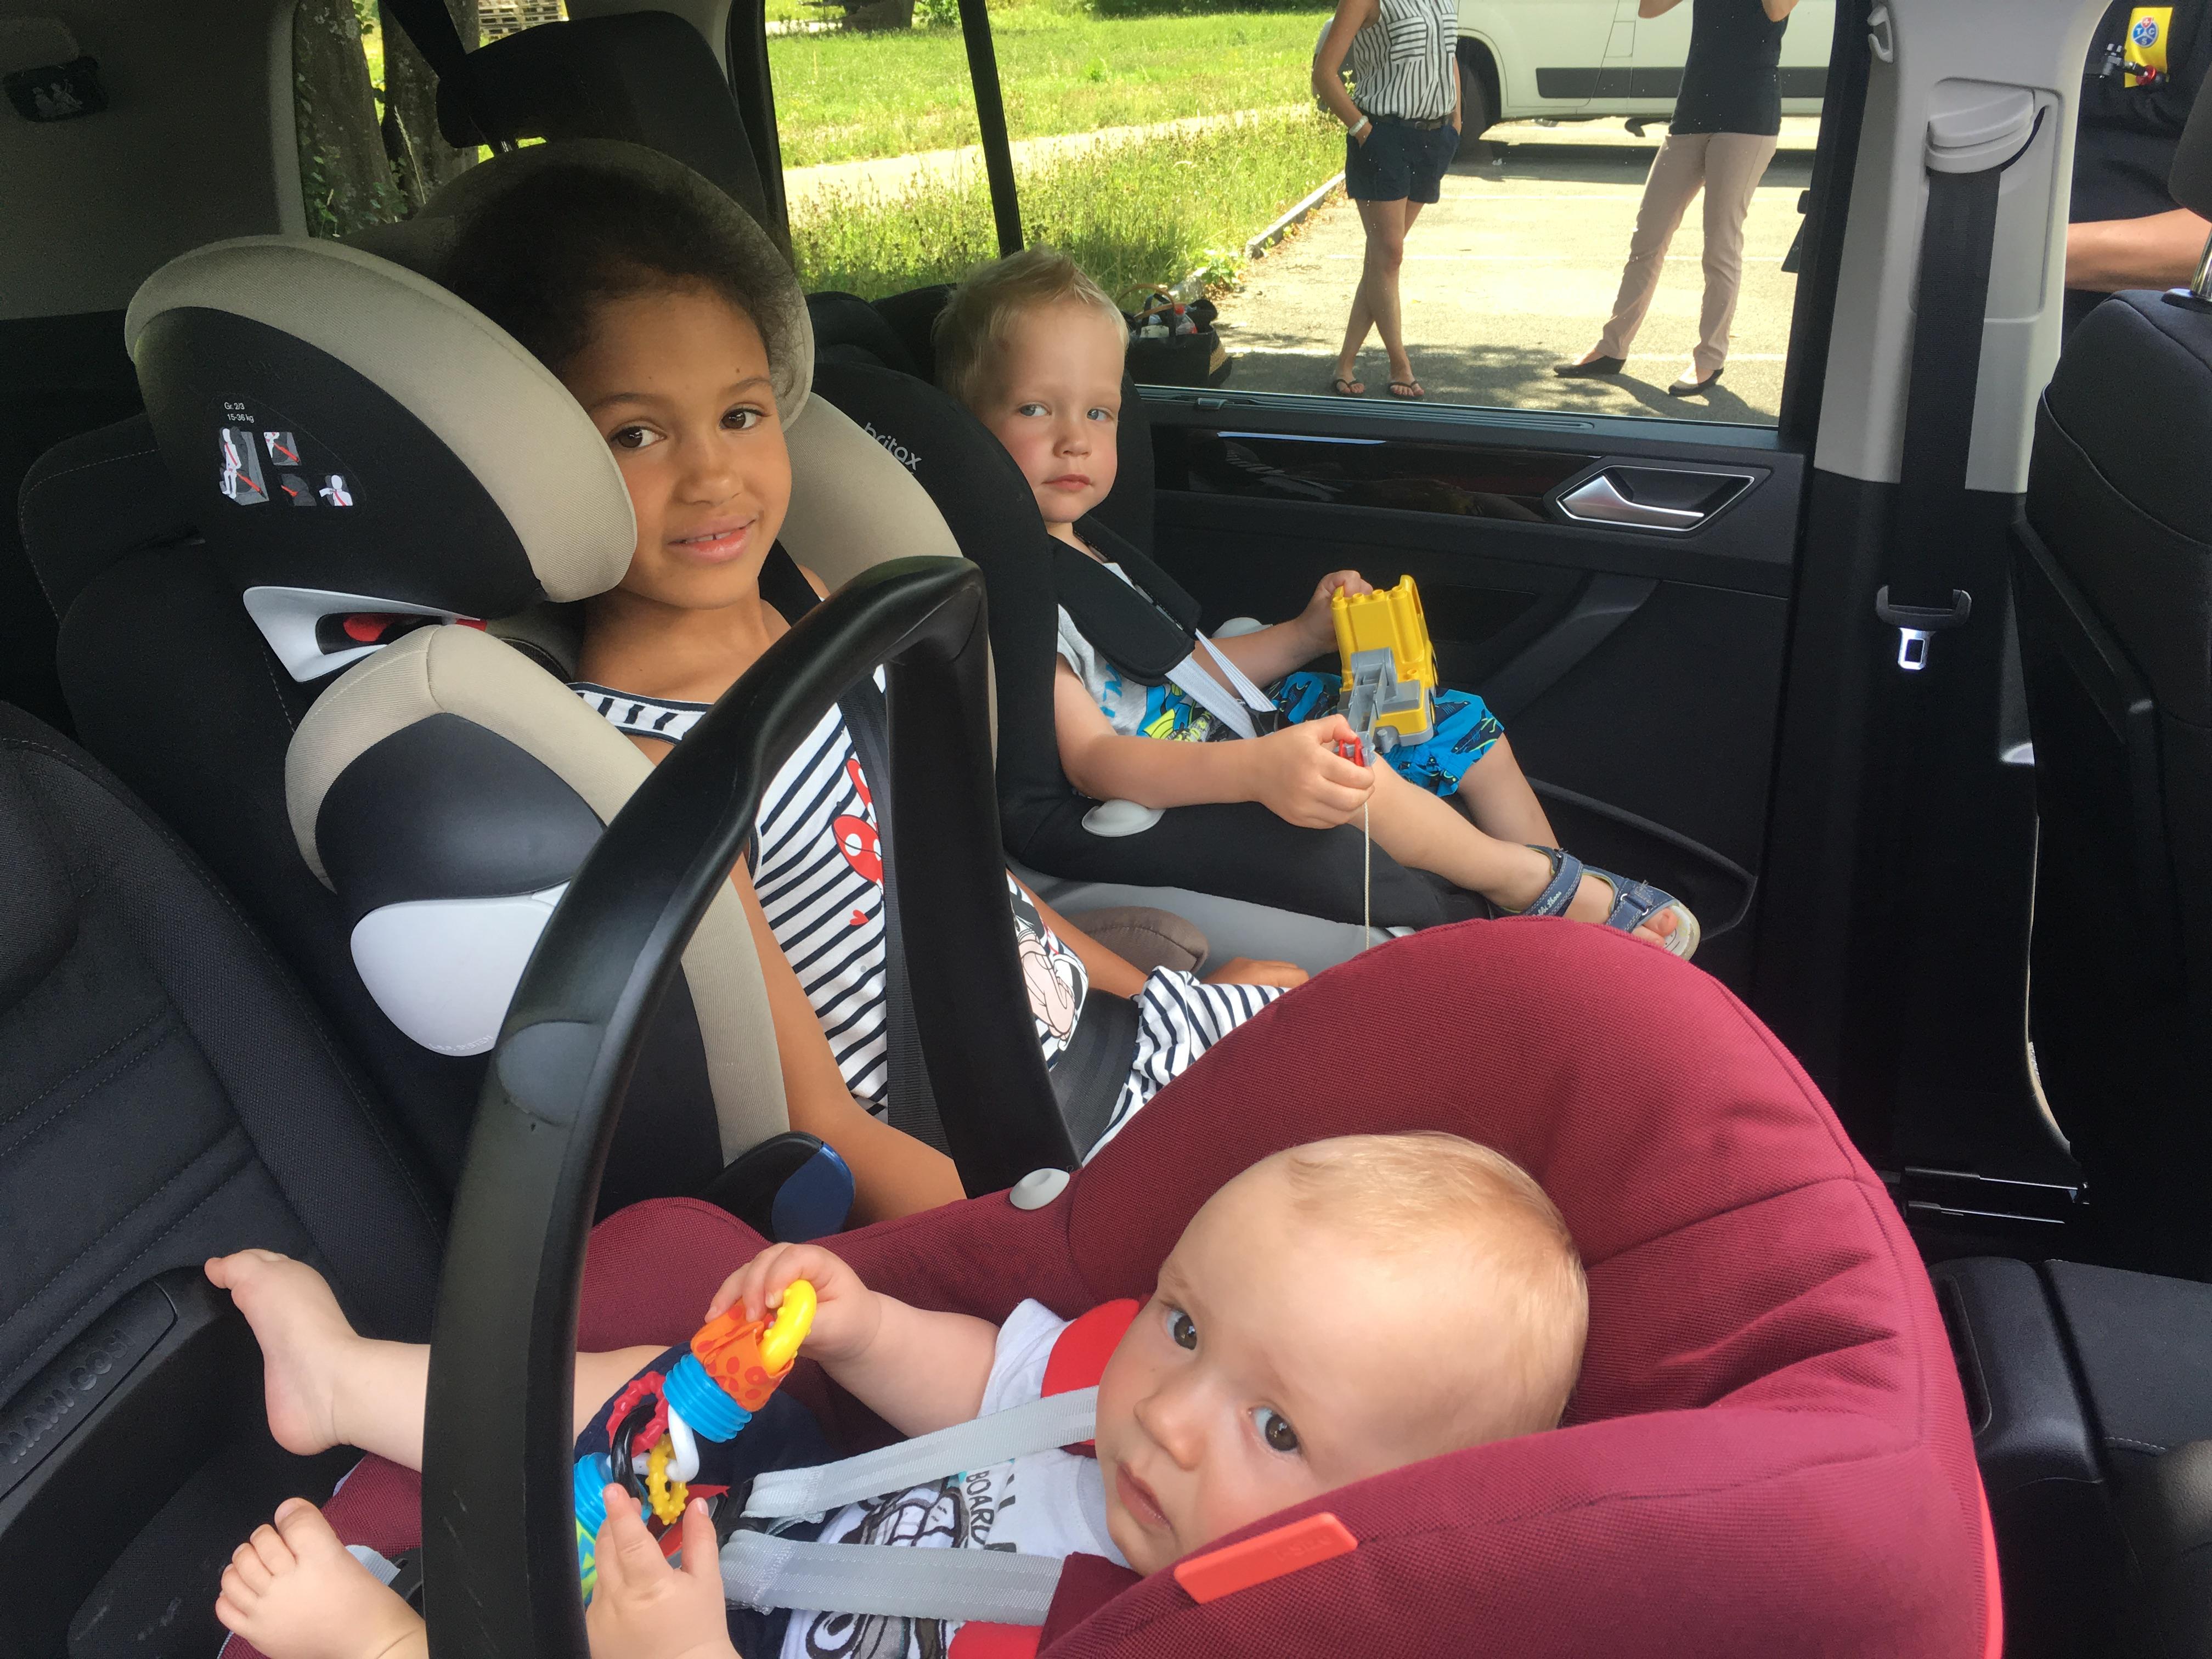 ▷ auf drei sitzplätze passen oft nur zwei kindersitze | presseportal